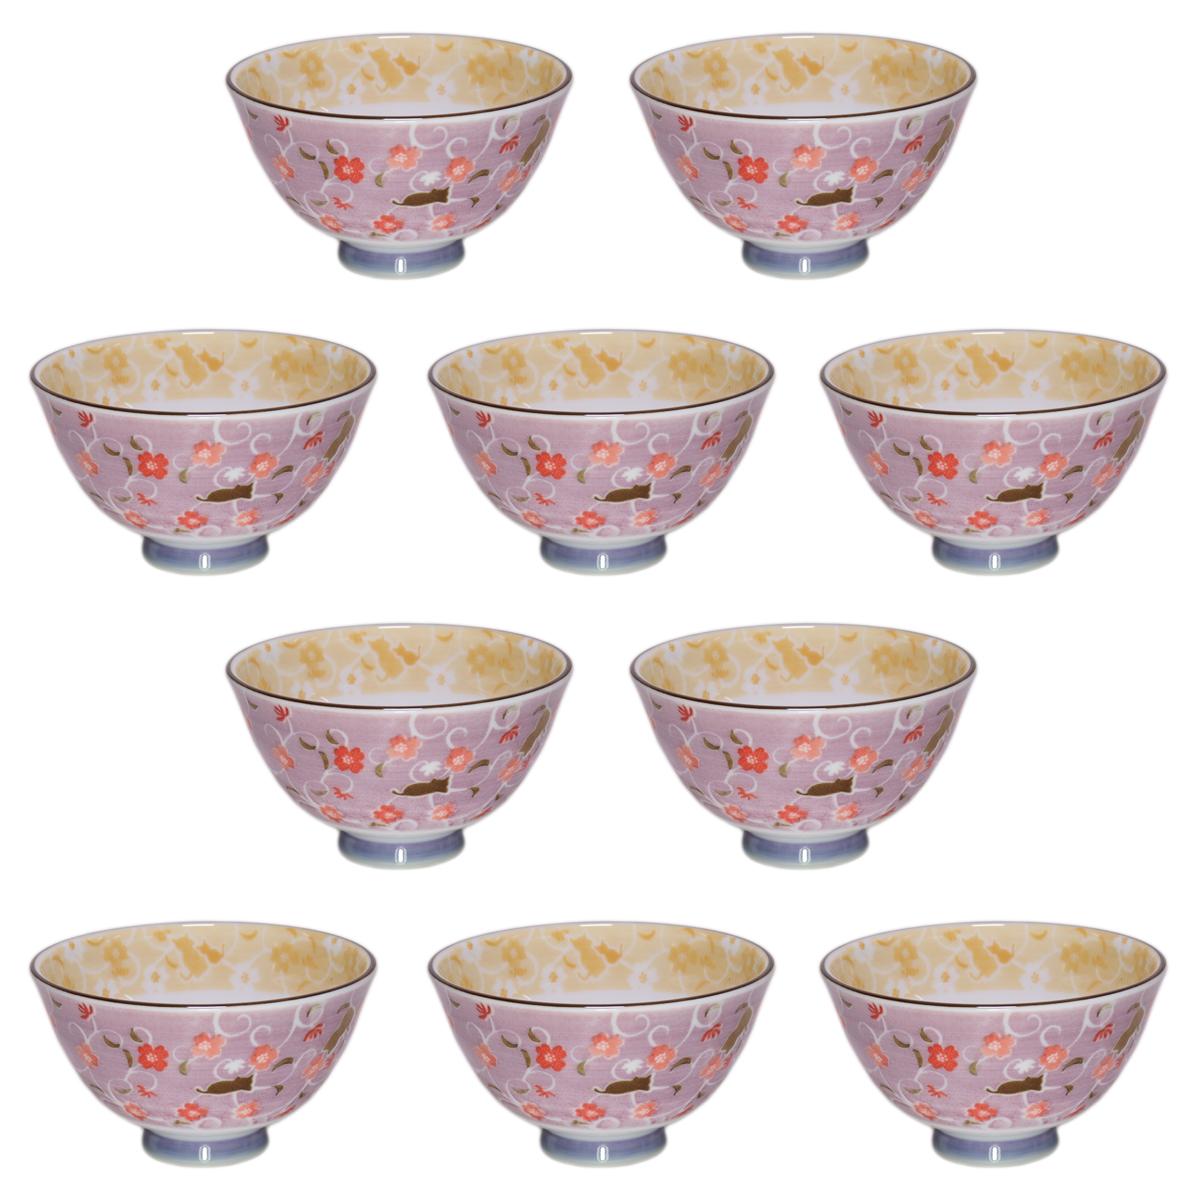 10個セット☆ 夫婦飯碗 ☆ 健康軽量茶碗猫のかくれんぼ赤 [ 112 x 62mm ] 【和食器 飲食店 お祝い 夫婦 】